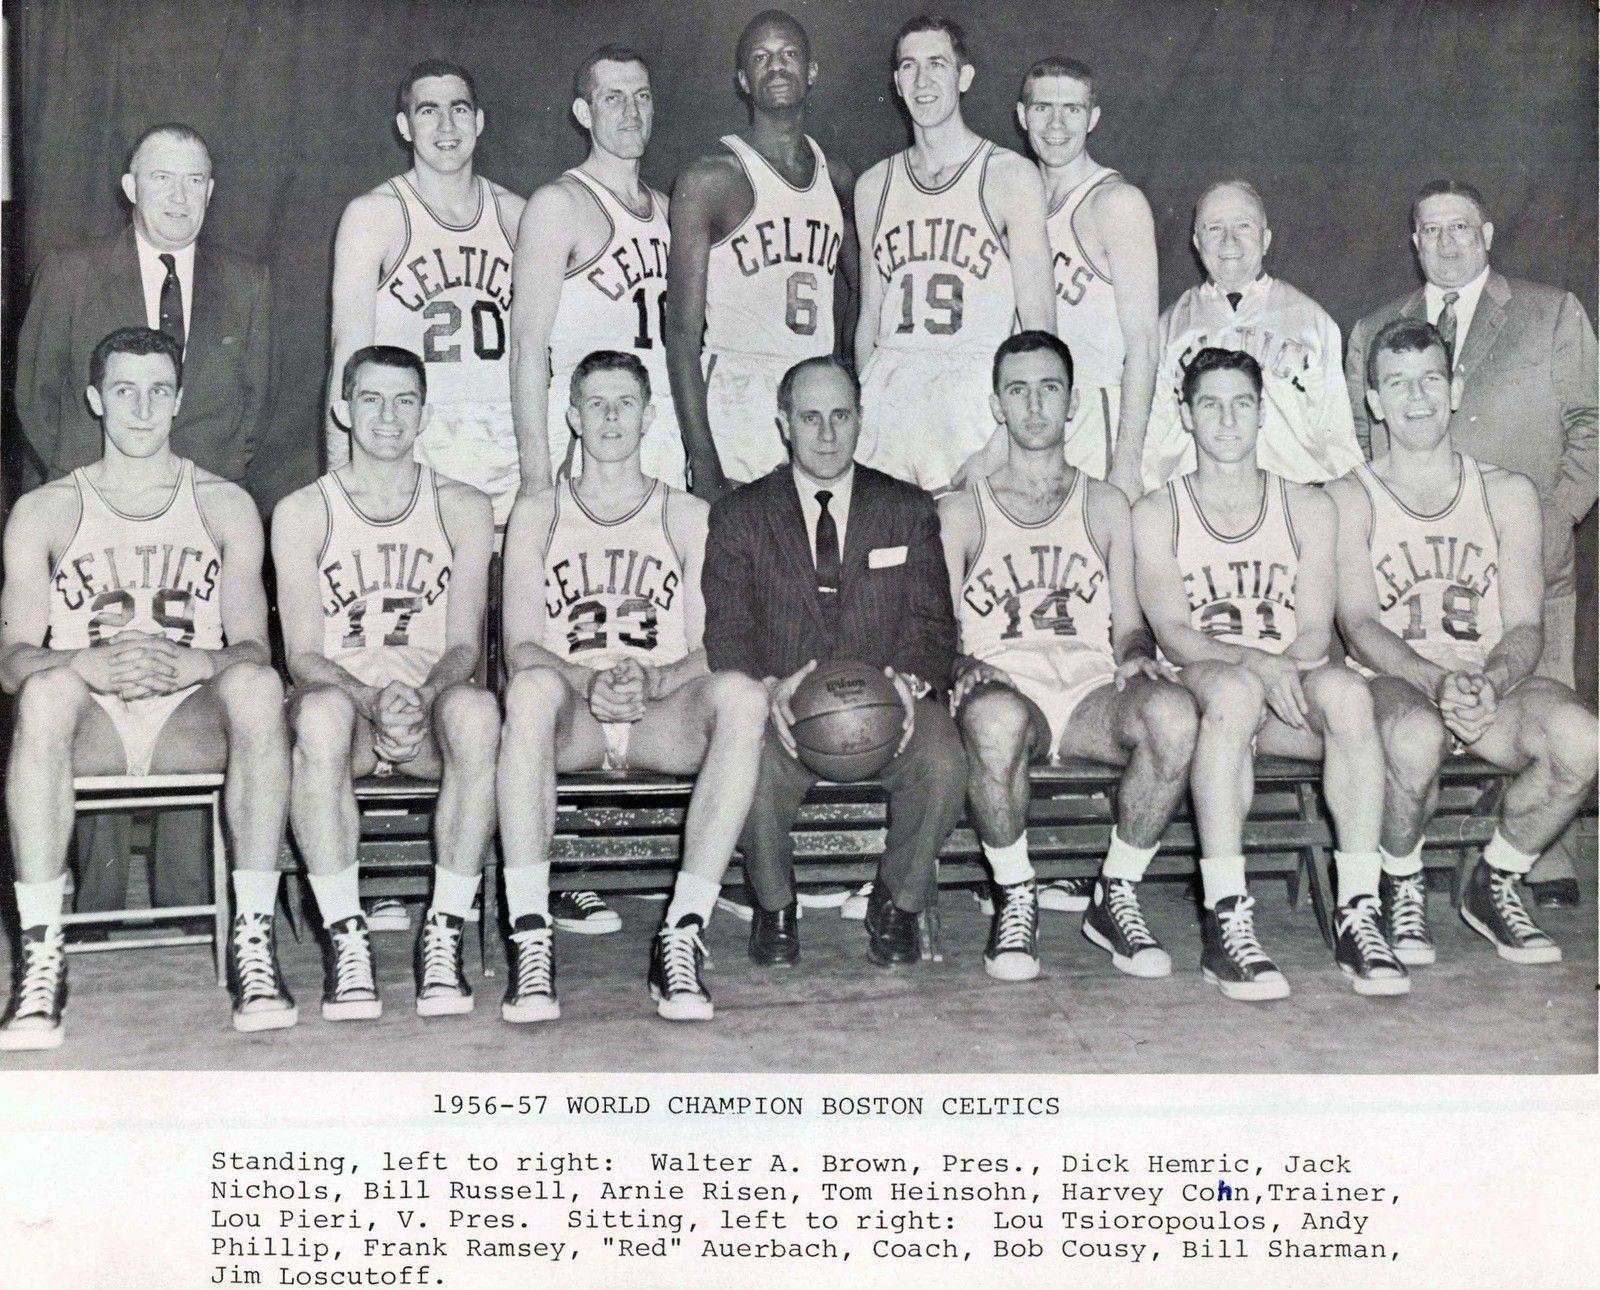 Celtics_1956-57.jpg